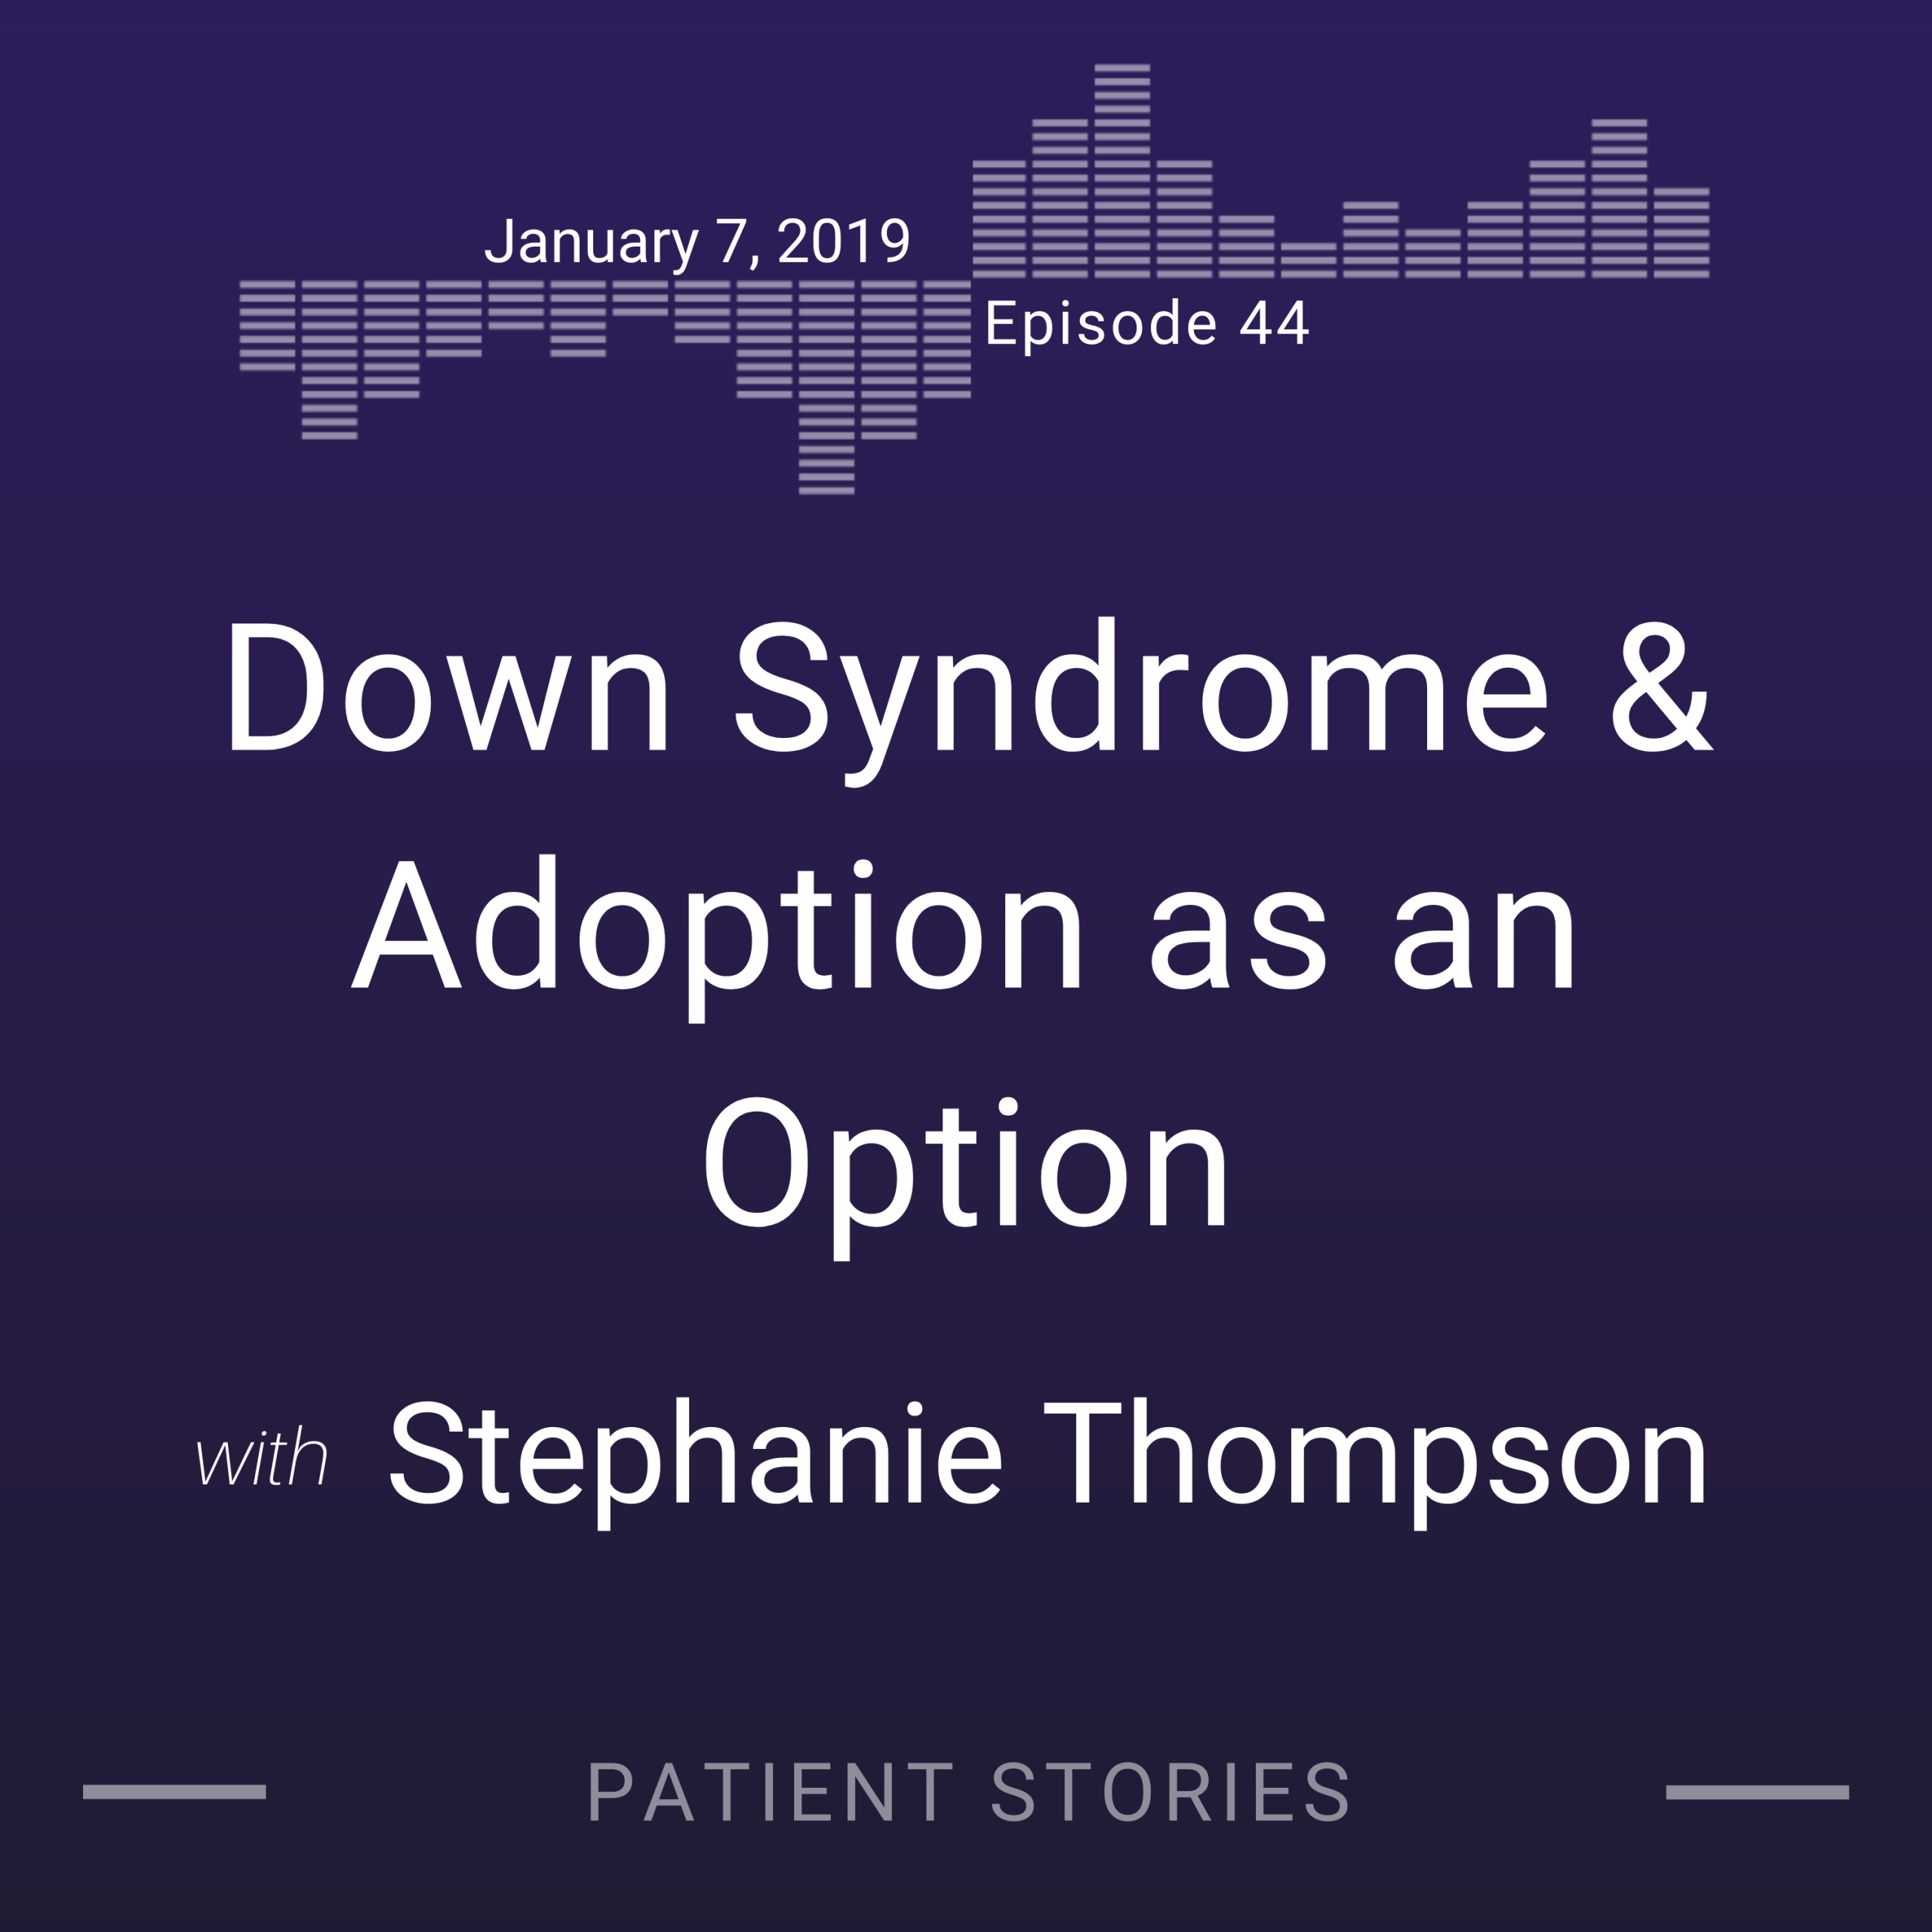 Down syndrome adoptin